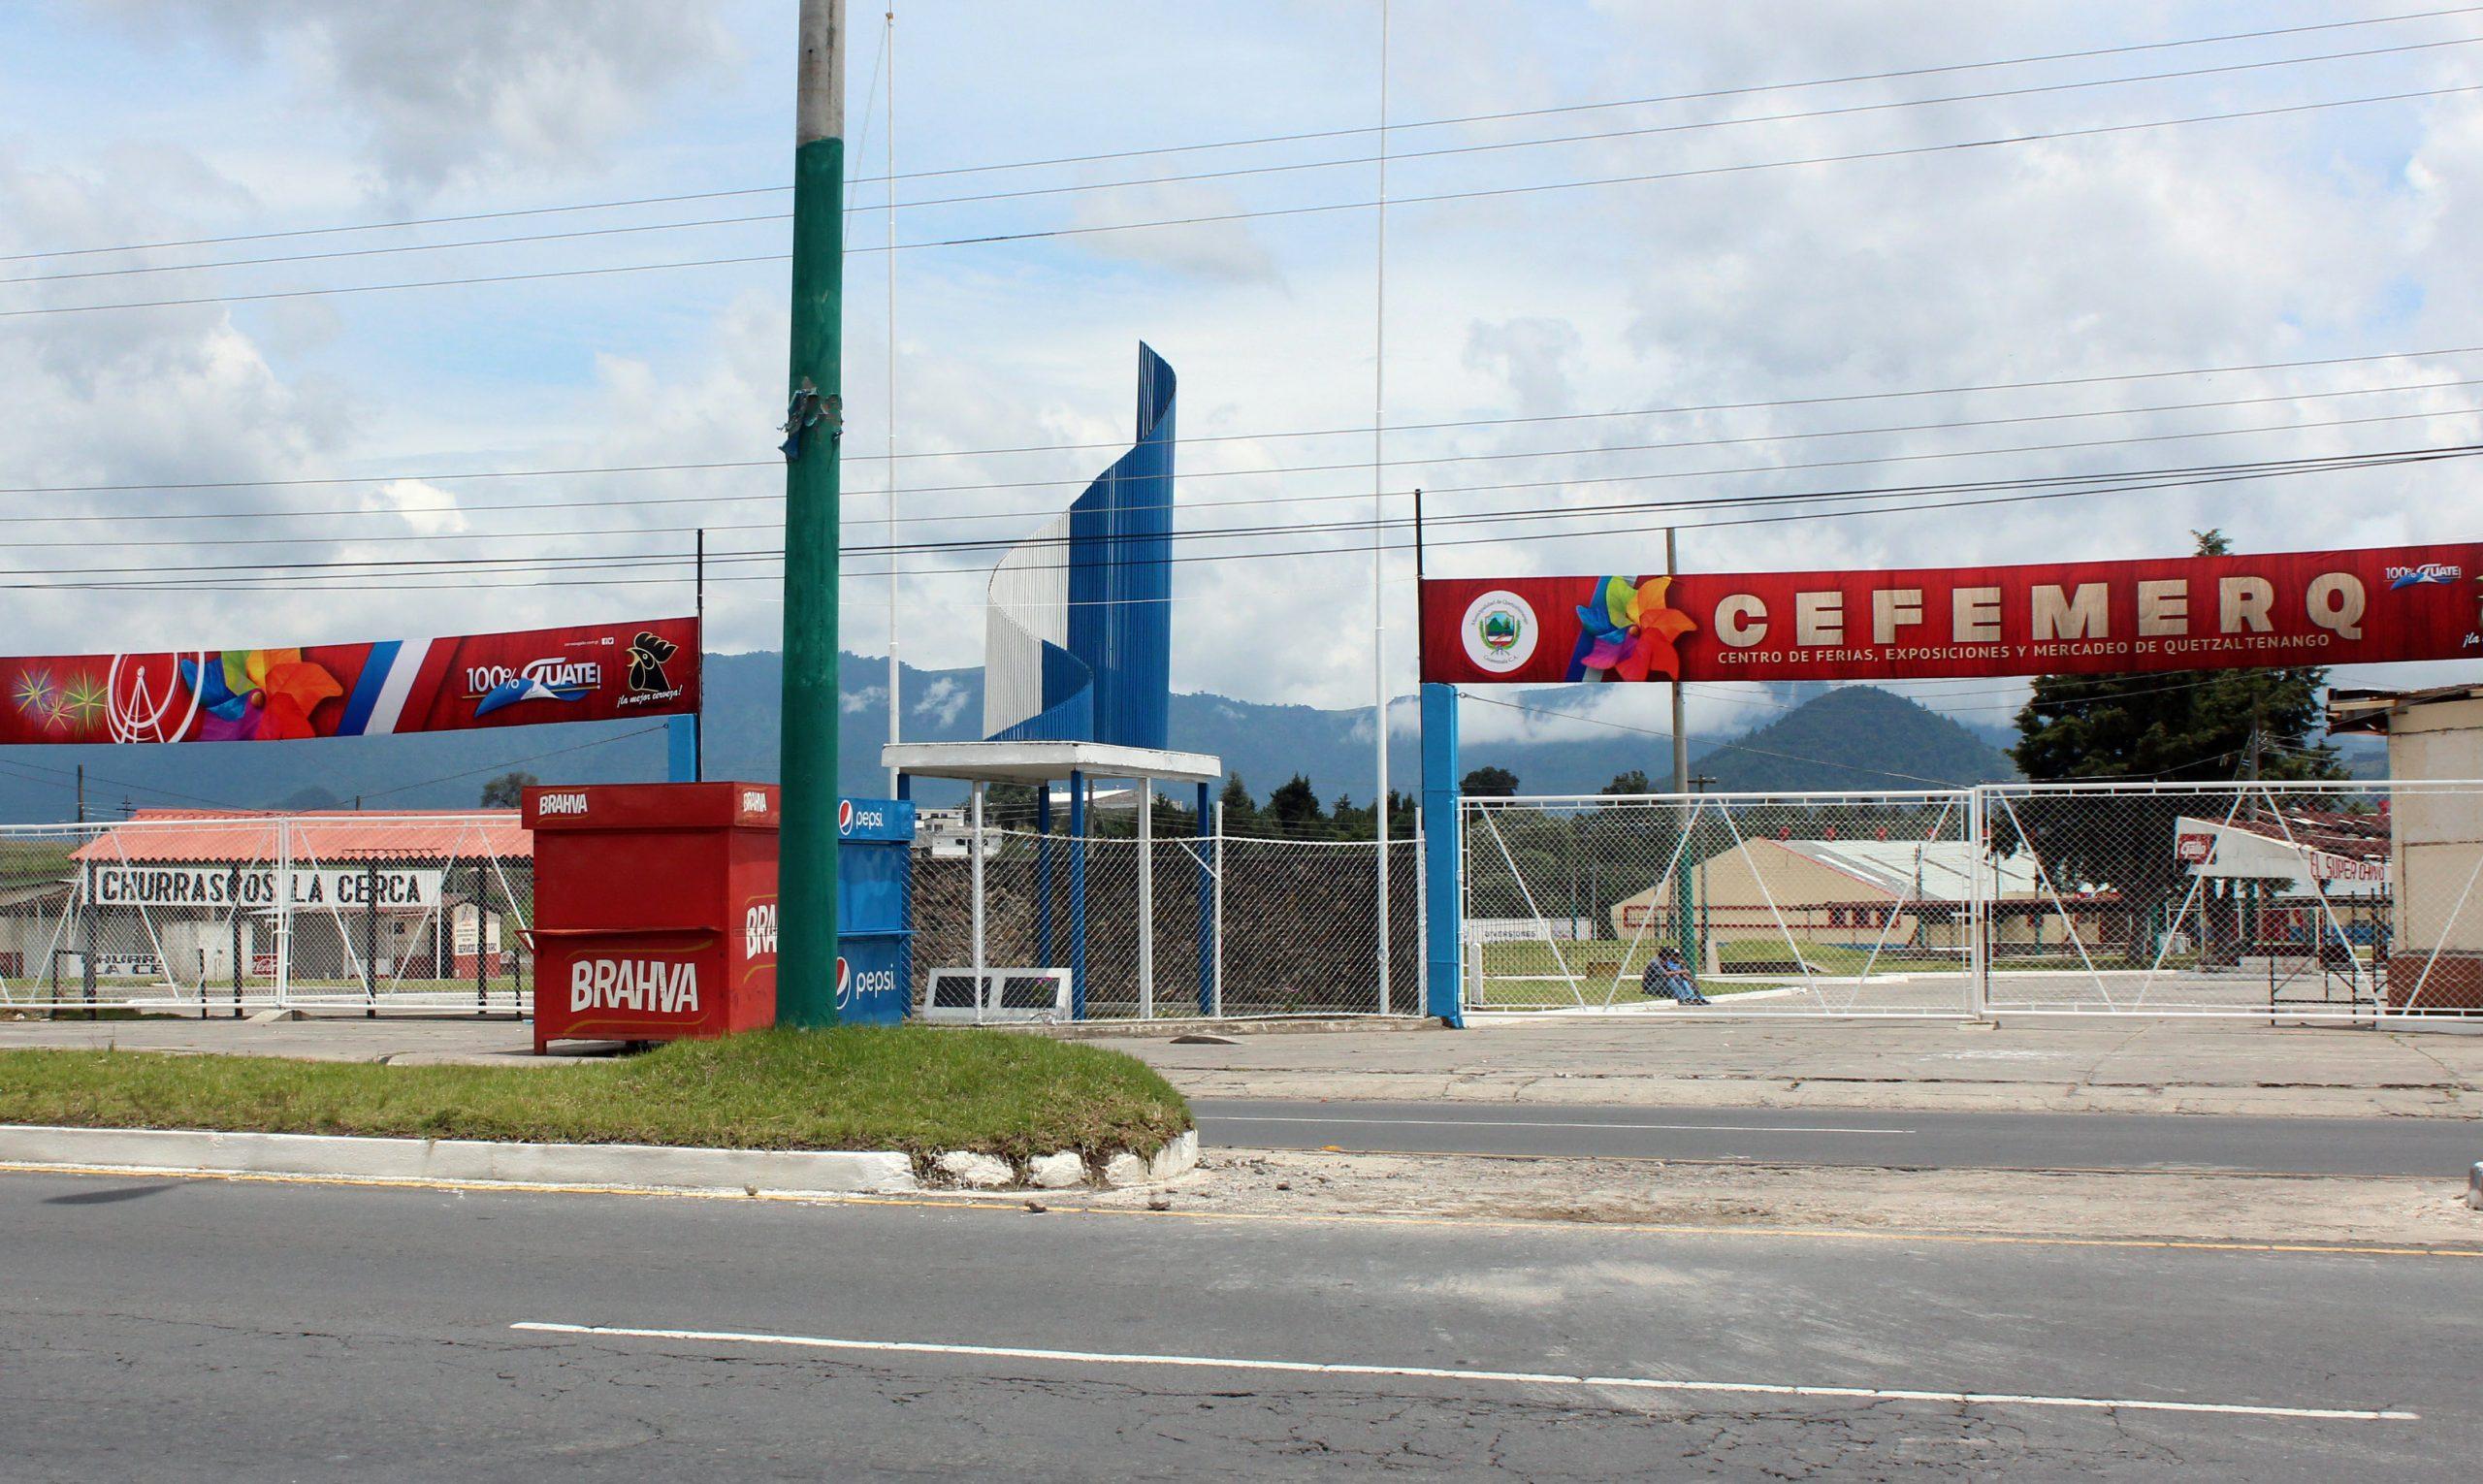 Las autoridades de Quetzaltenango está por anunciar la cancelación de Xelafer, que cada año se realiza en el mes de septiembre para conmemorar la independencia de Guatemala. (Foto: Carlos Ventura)